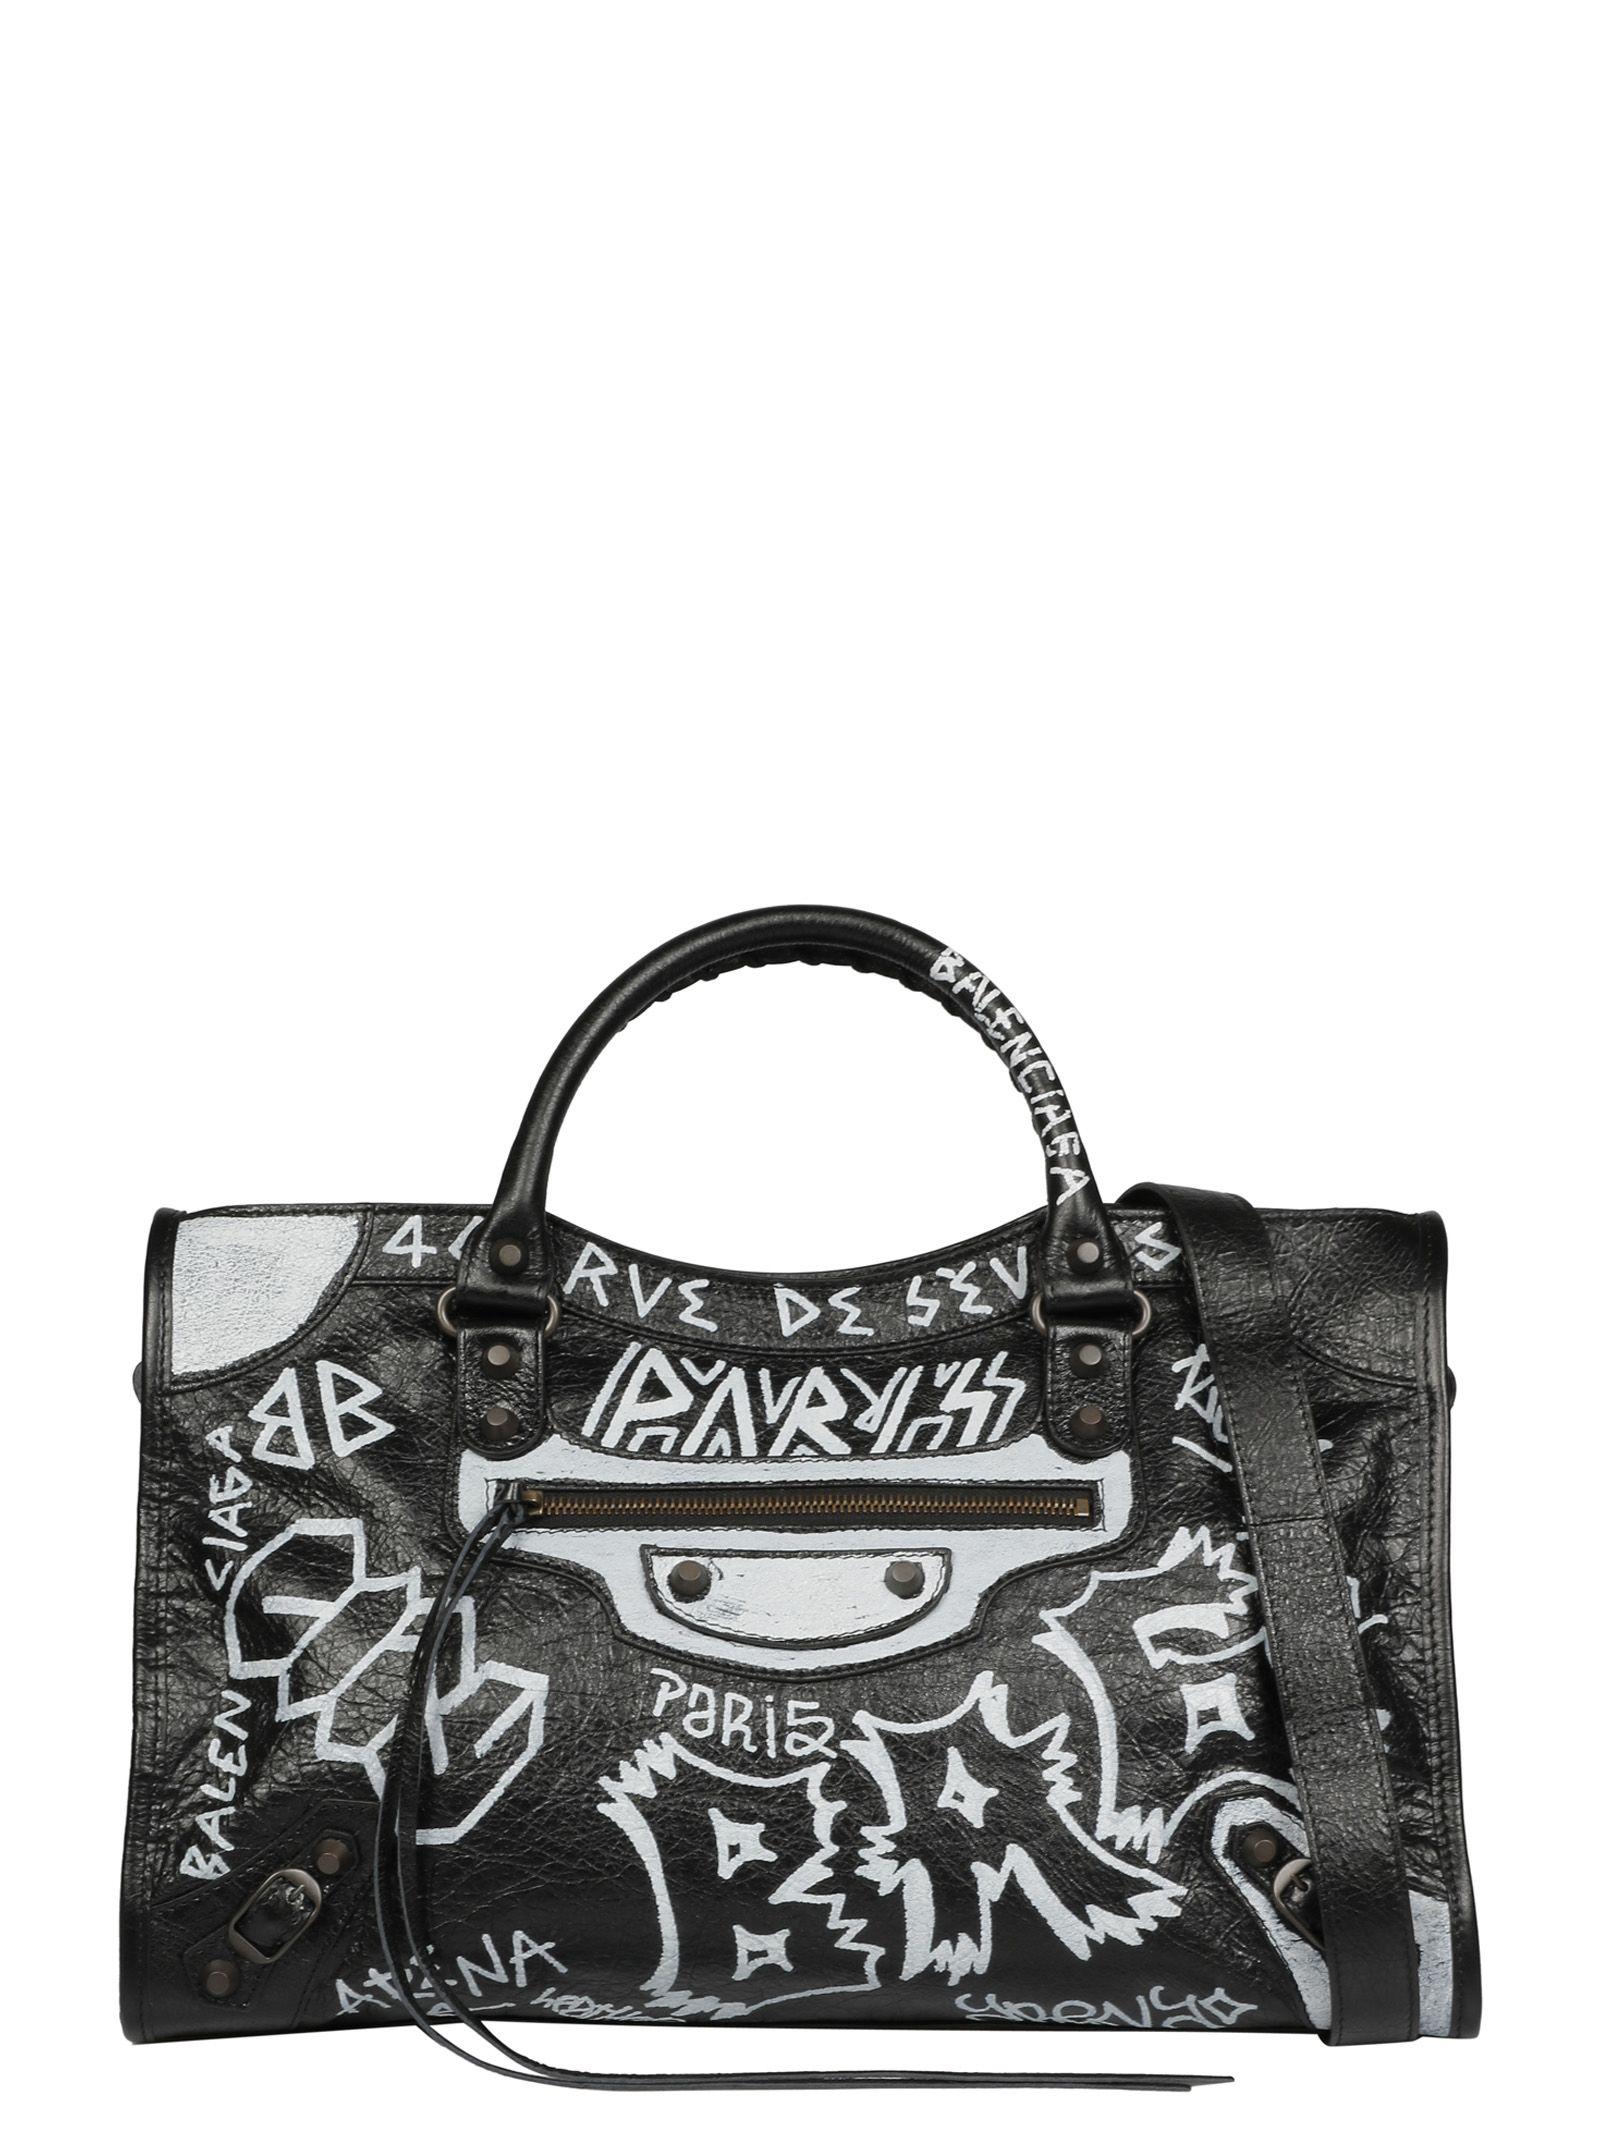 GRAFFITI SHOULDER BAG